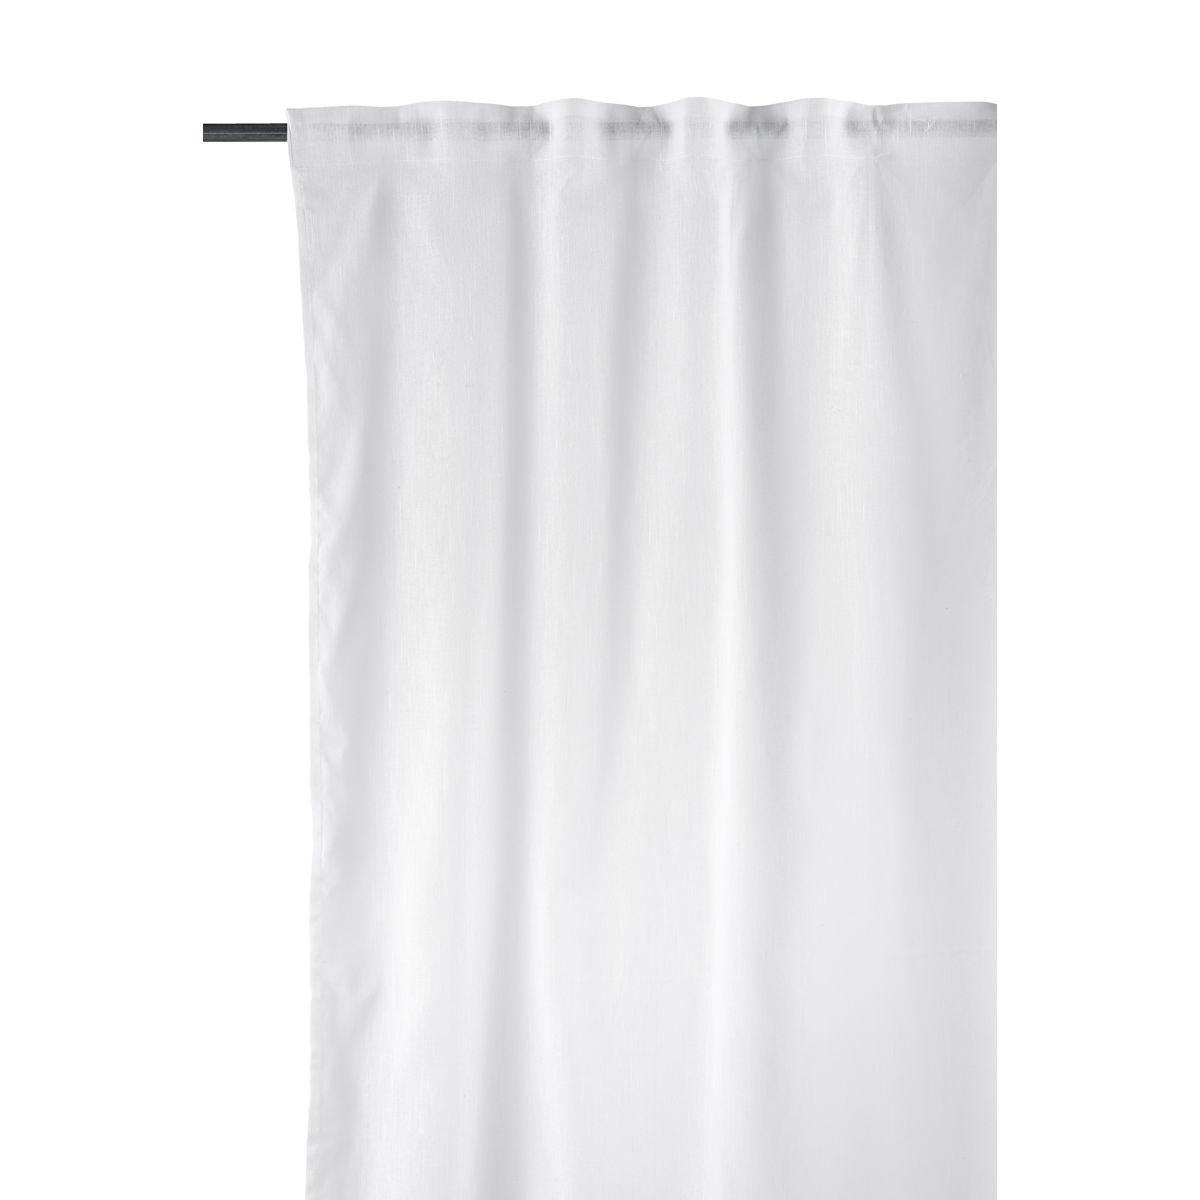 House Doctor Lot de 2 Rideaux lin - blanc - 150x300cm - House Doctor